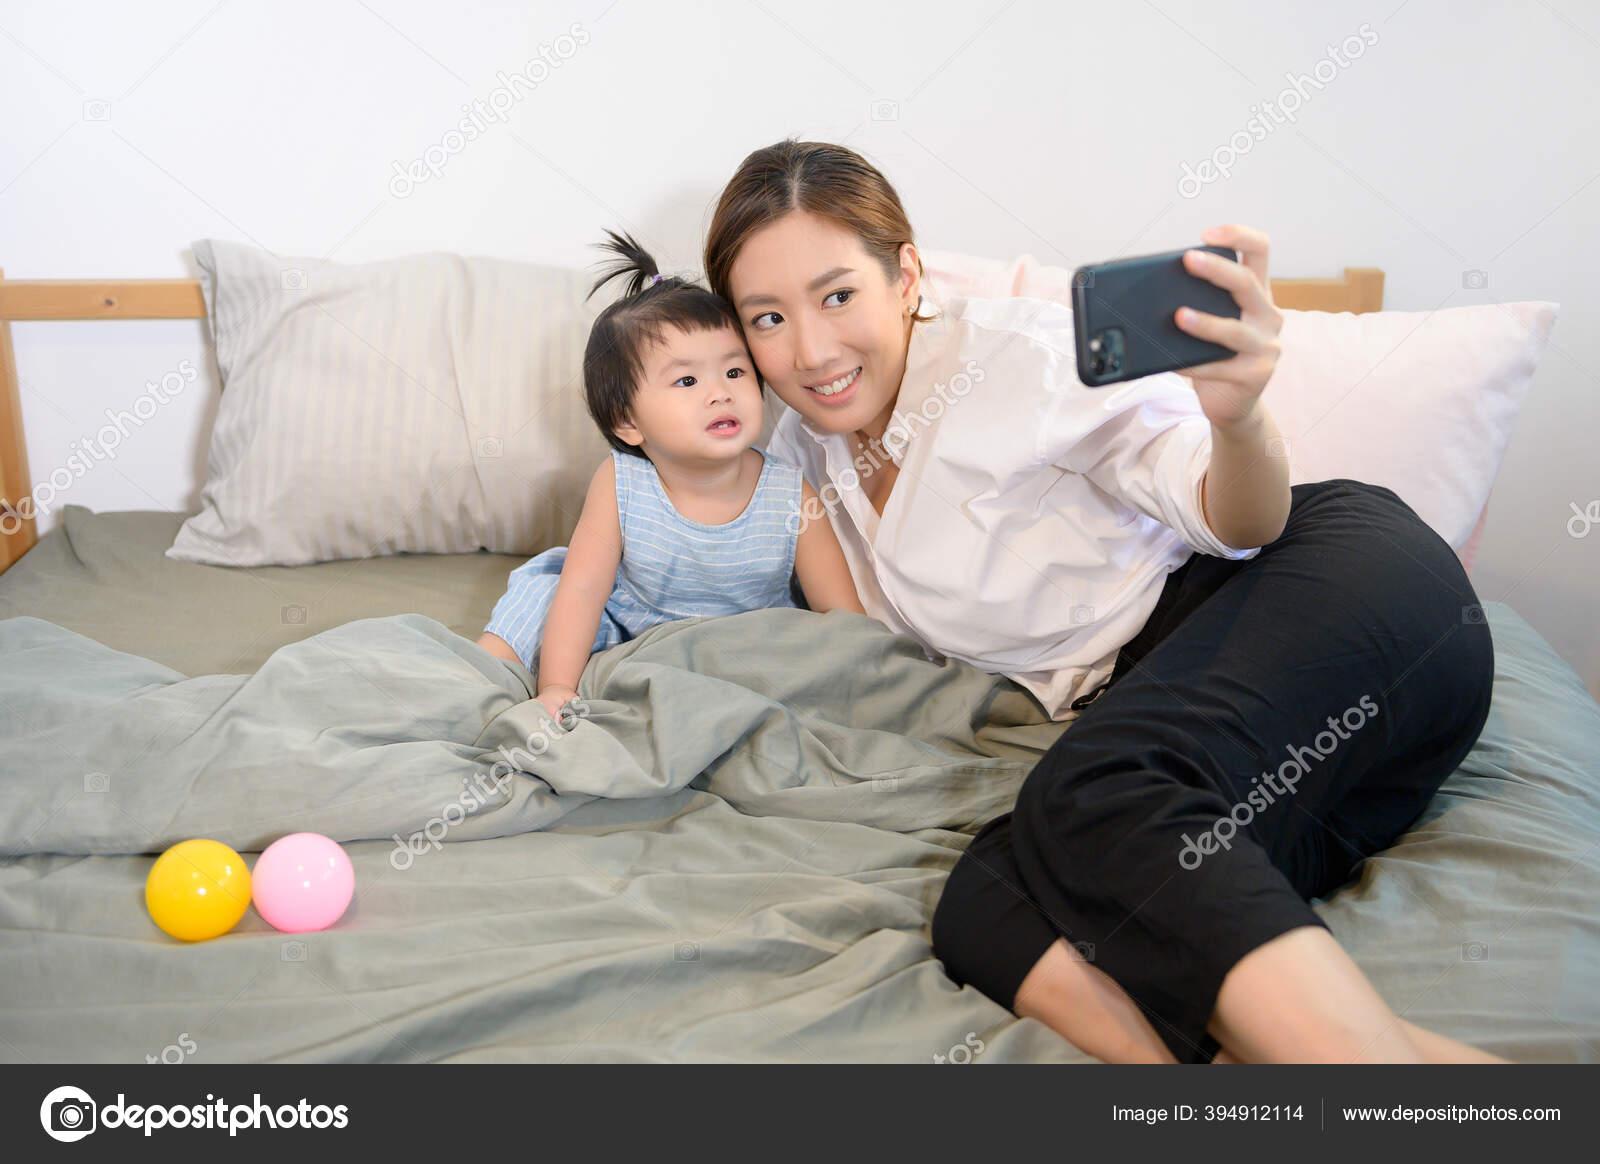 Ibu Asia Dan Anak Perempuannya Sedang Membuat Selfie Atau Video Stok Foto C Tonefotografia 394912114